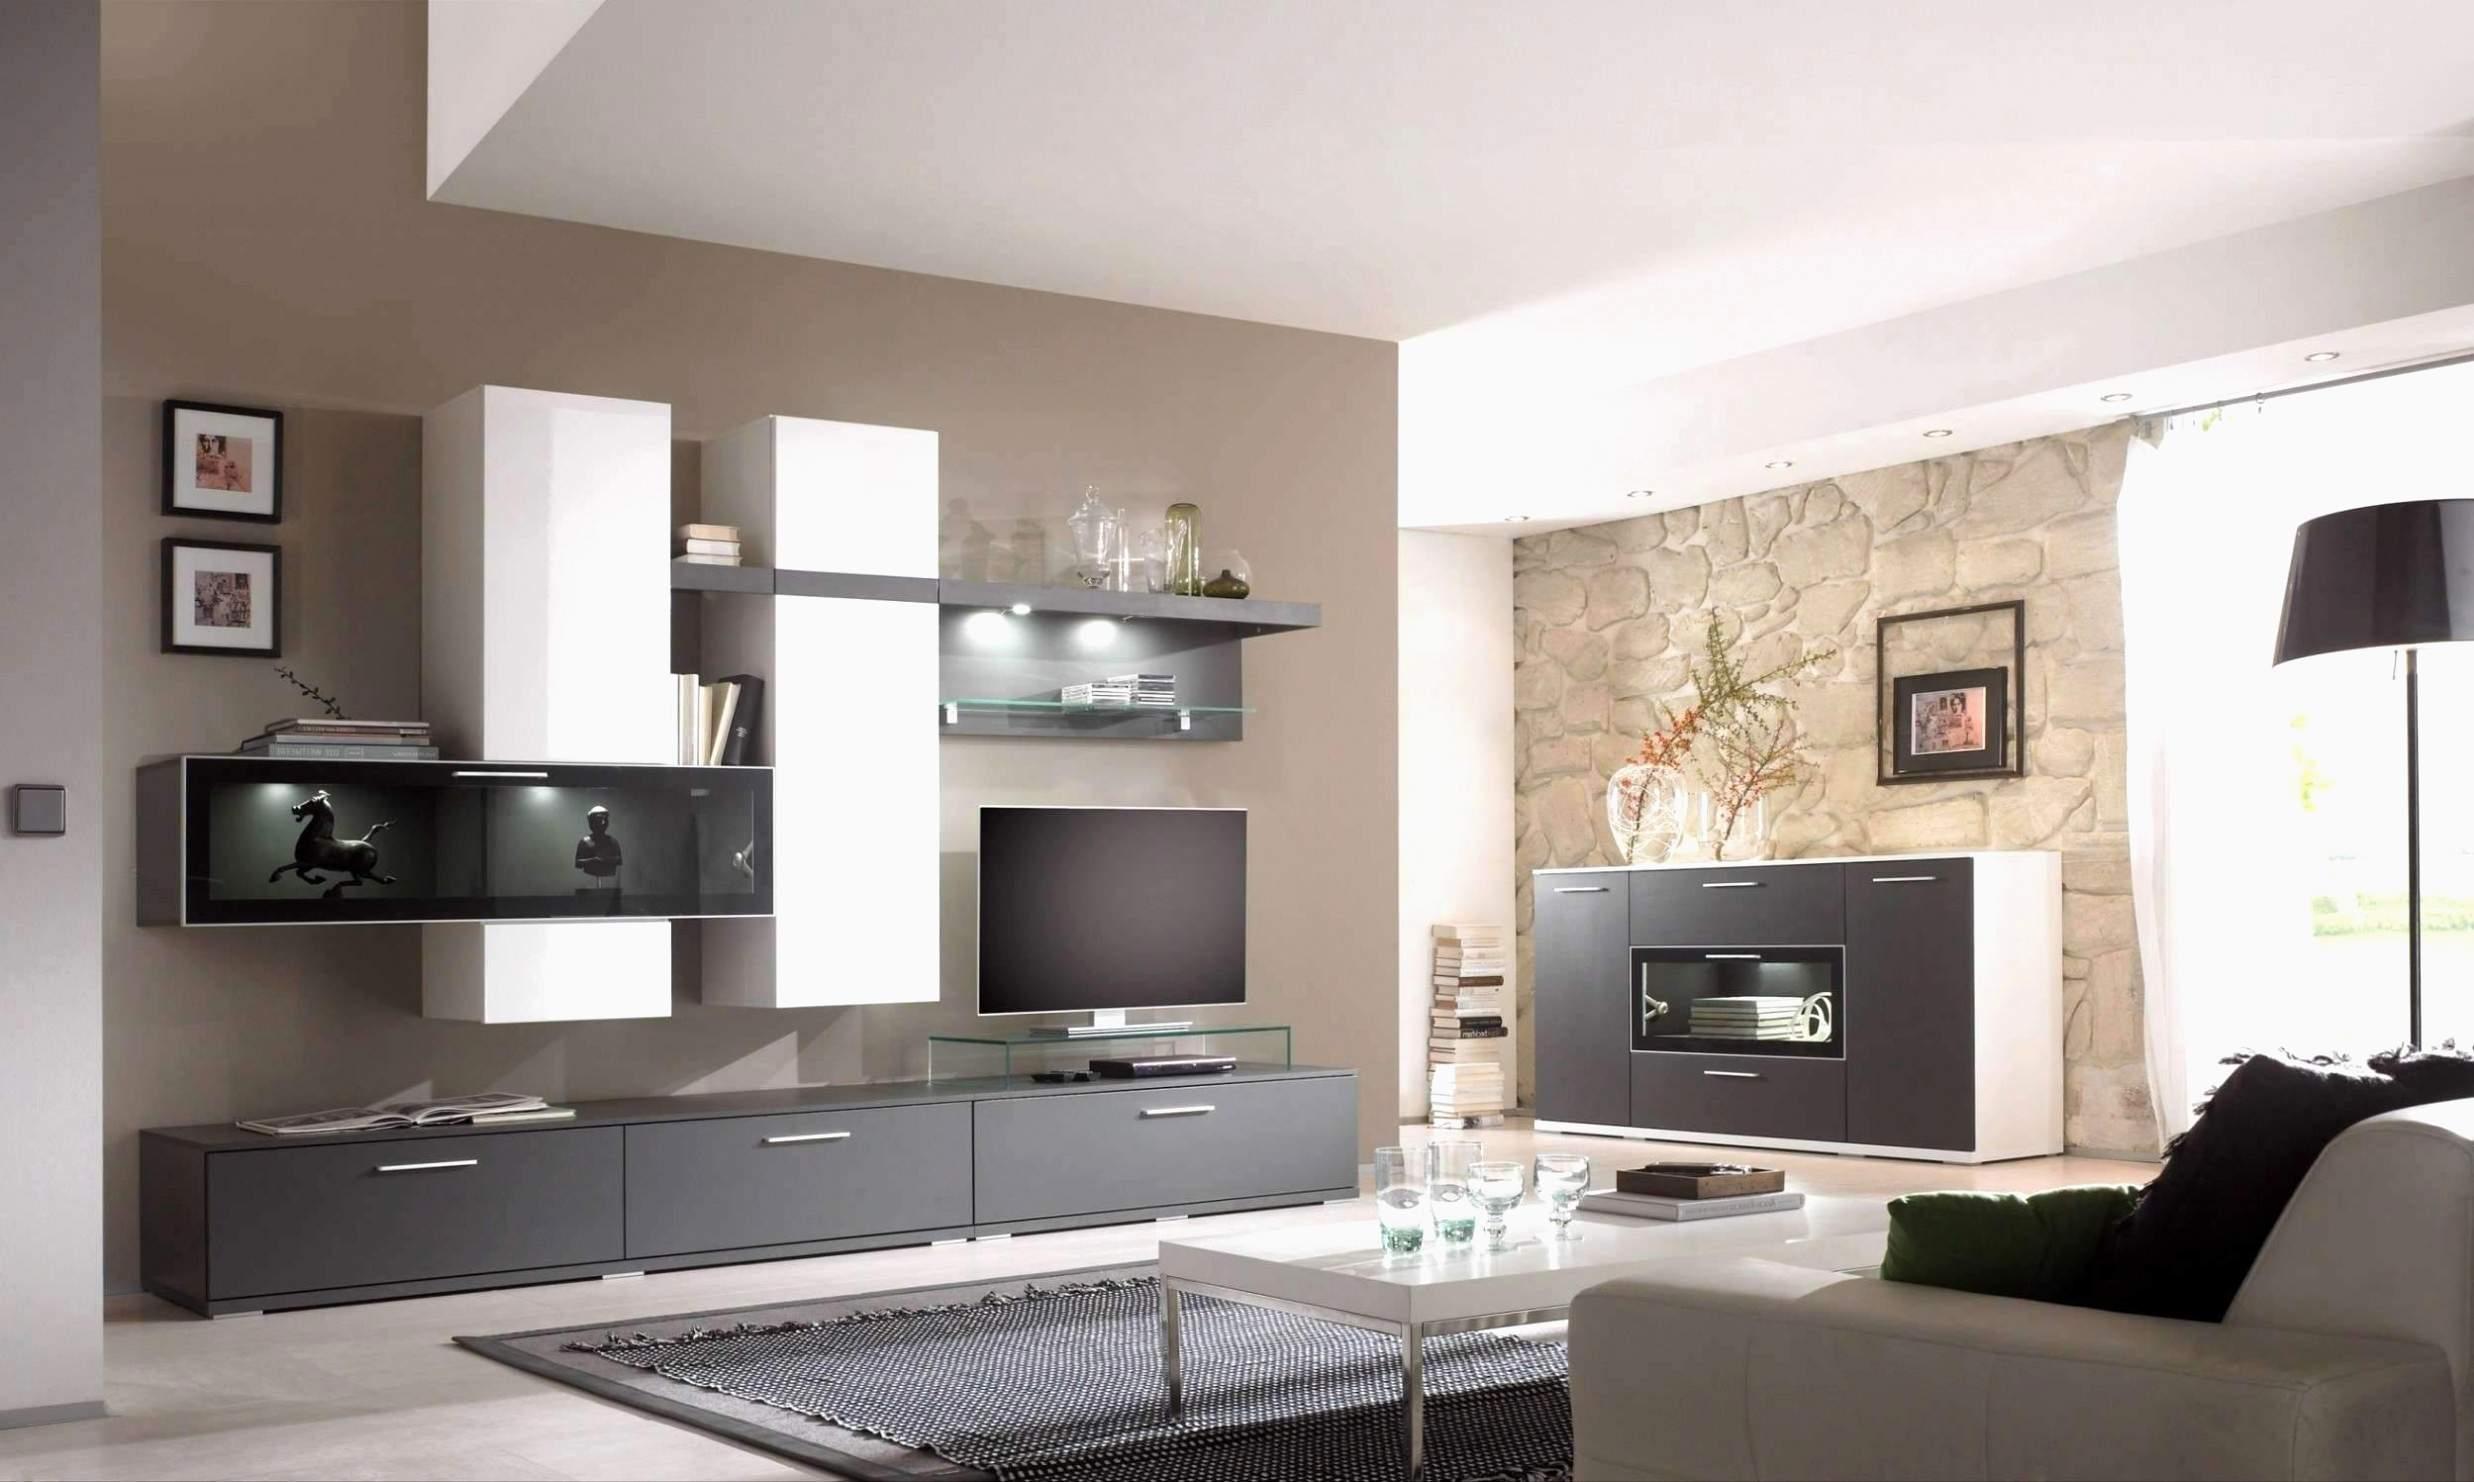 kamin im wohnzimmer frisch wohnideen wohnzimmer bilder modern und luxus kamin modern 0d of kamin im wohnzimmer